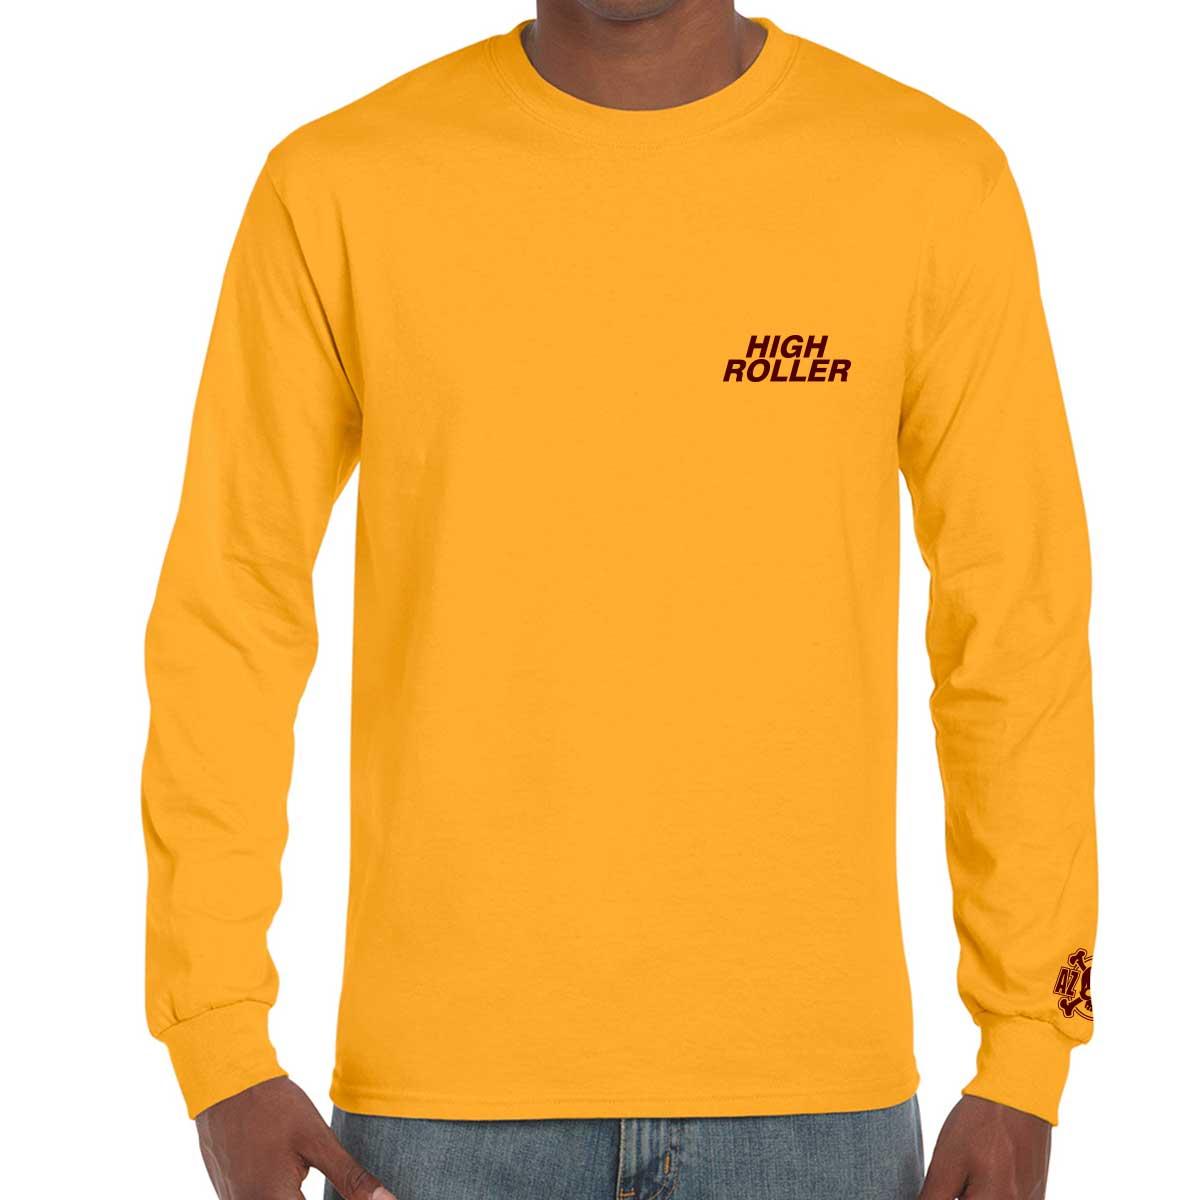 The High Roller Skateboard Park Gold Long Sleeve T-shirt ⋆ AZPX ...